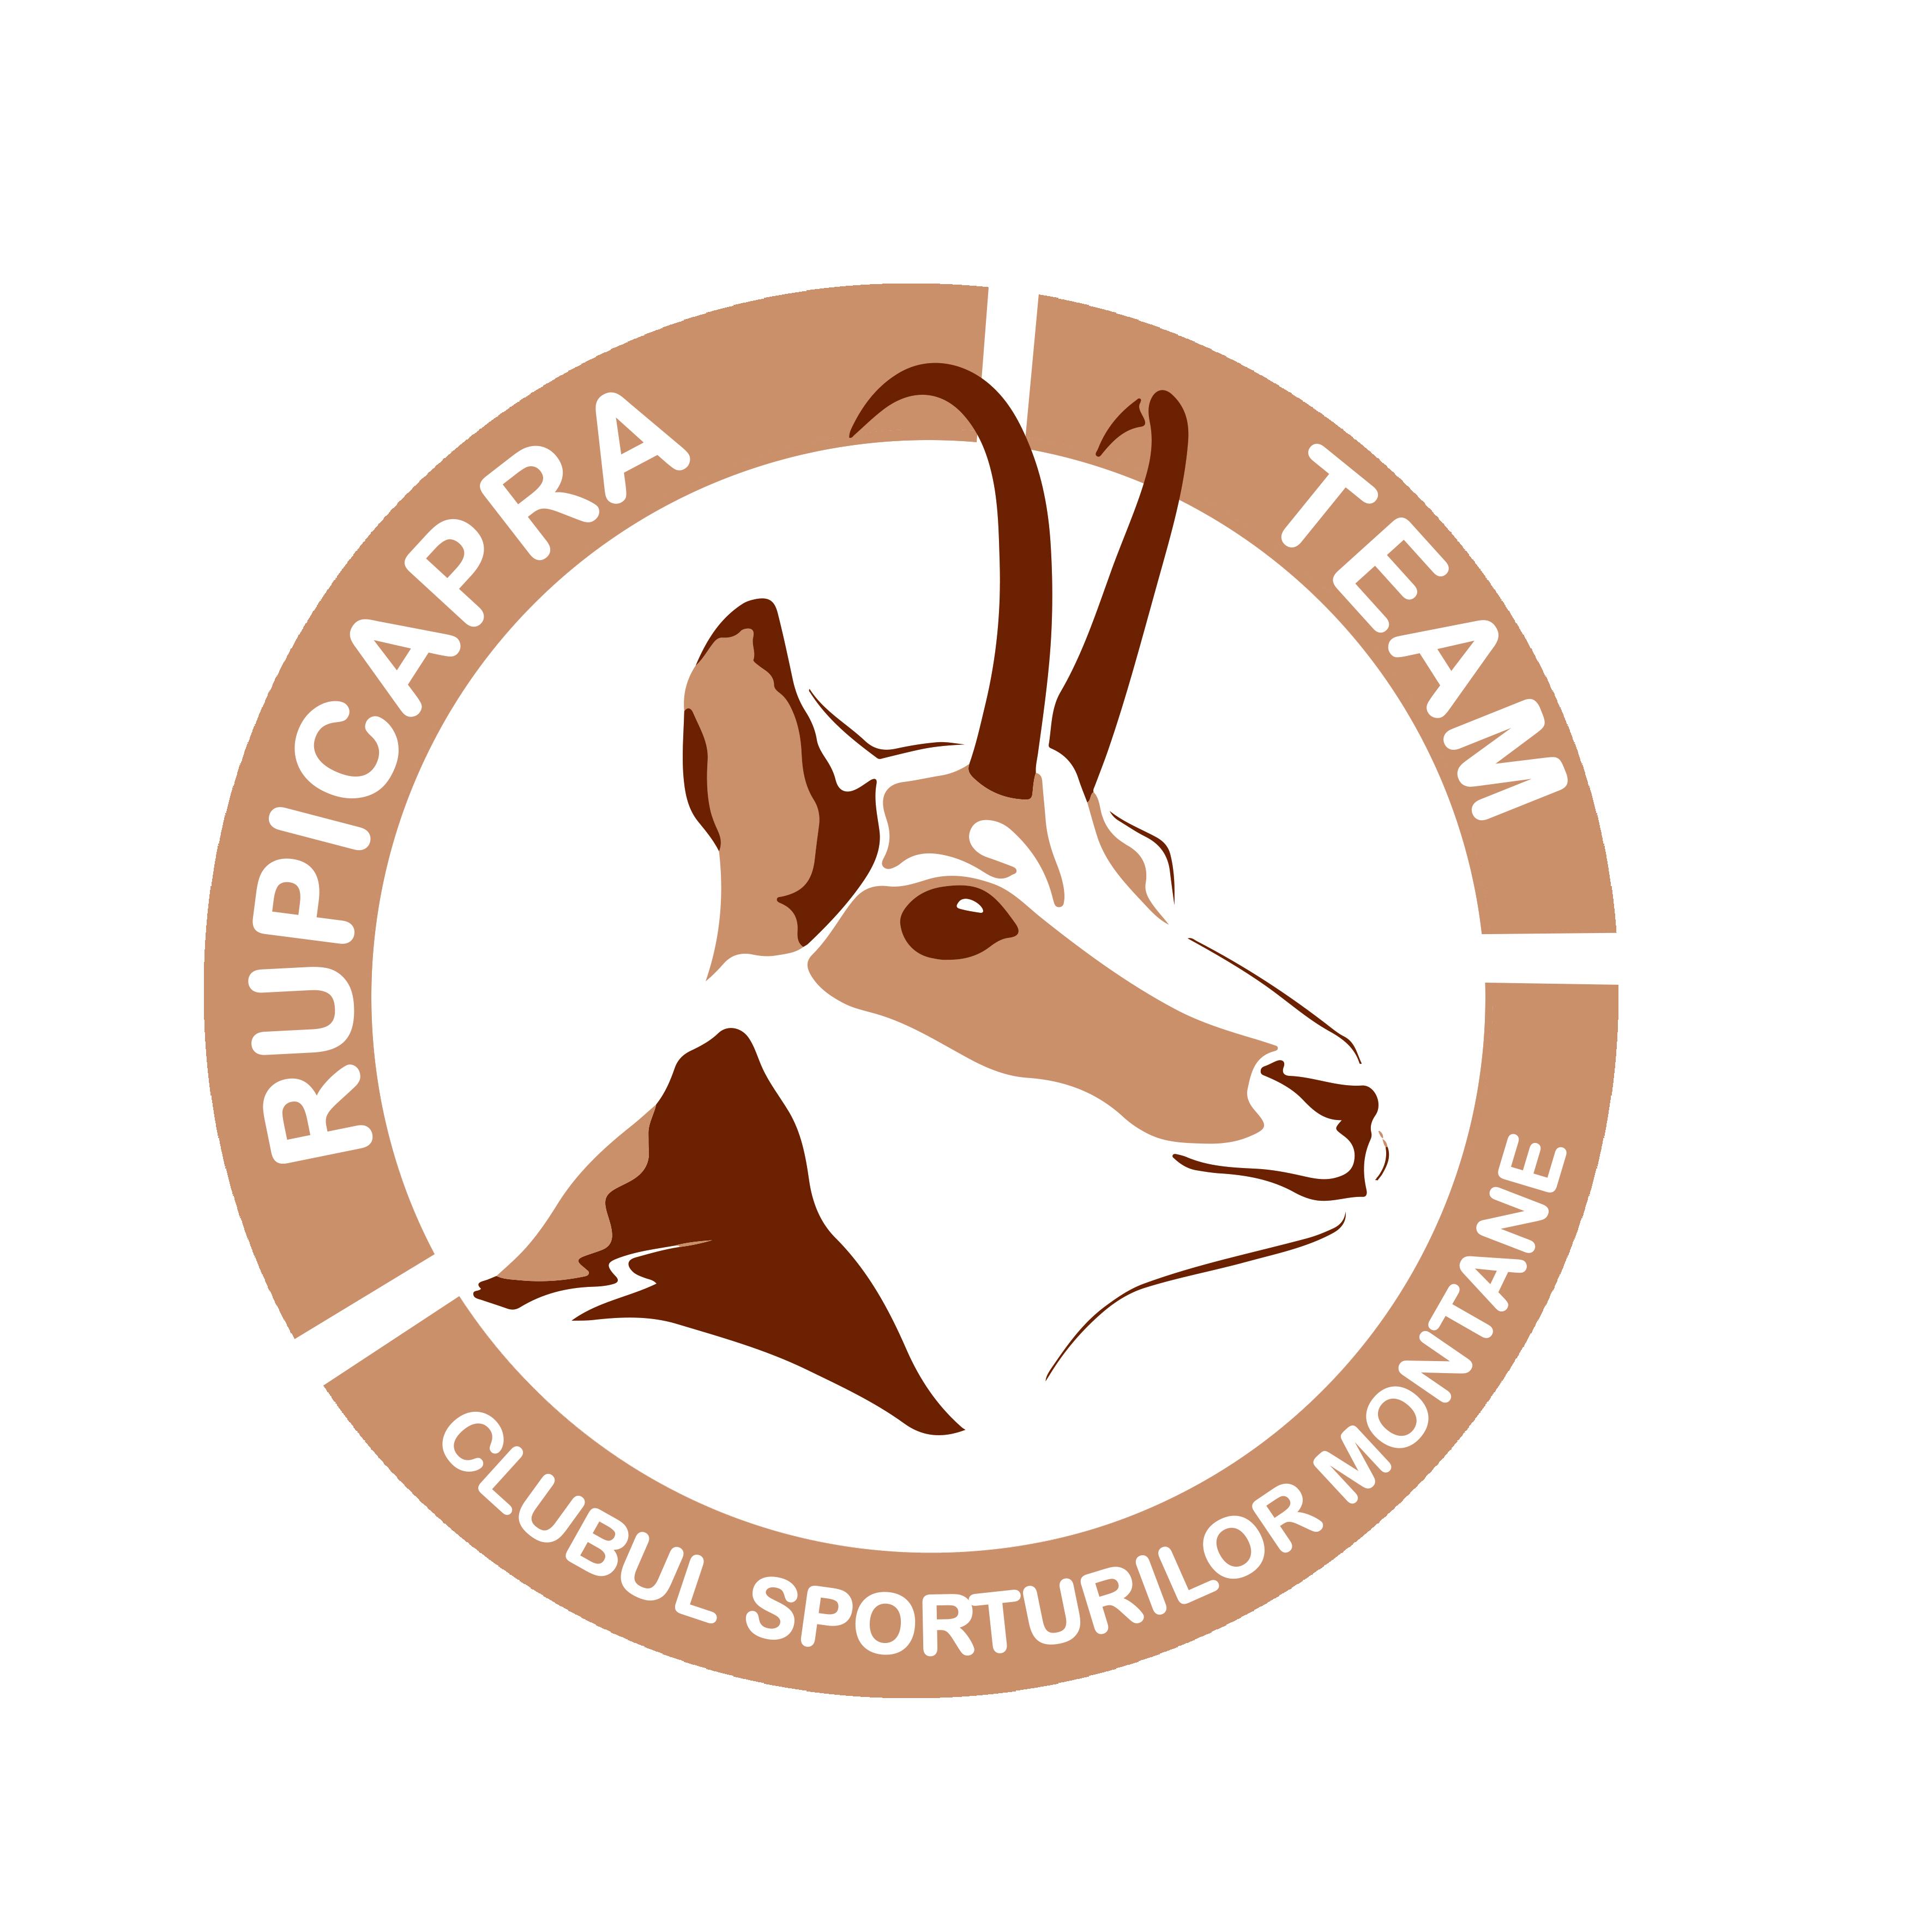 Asociatia Clubul Sporturilor Montane Rupicapra logo